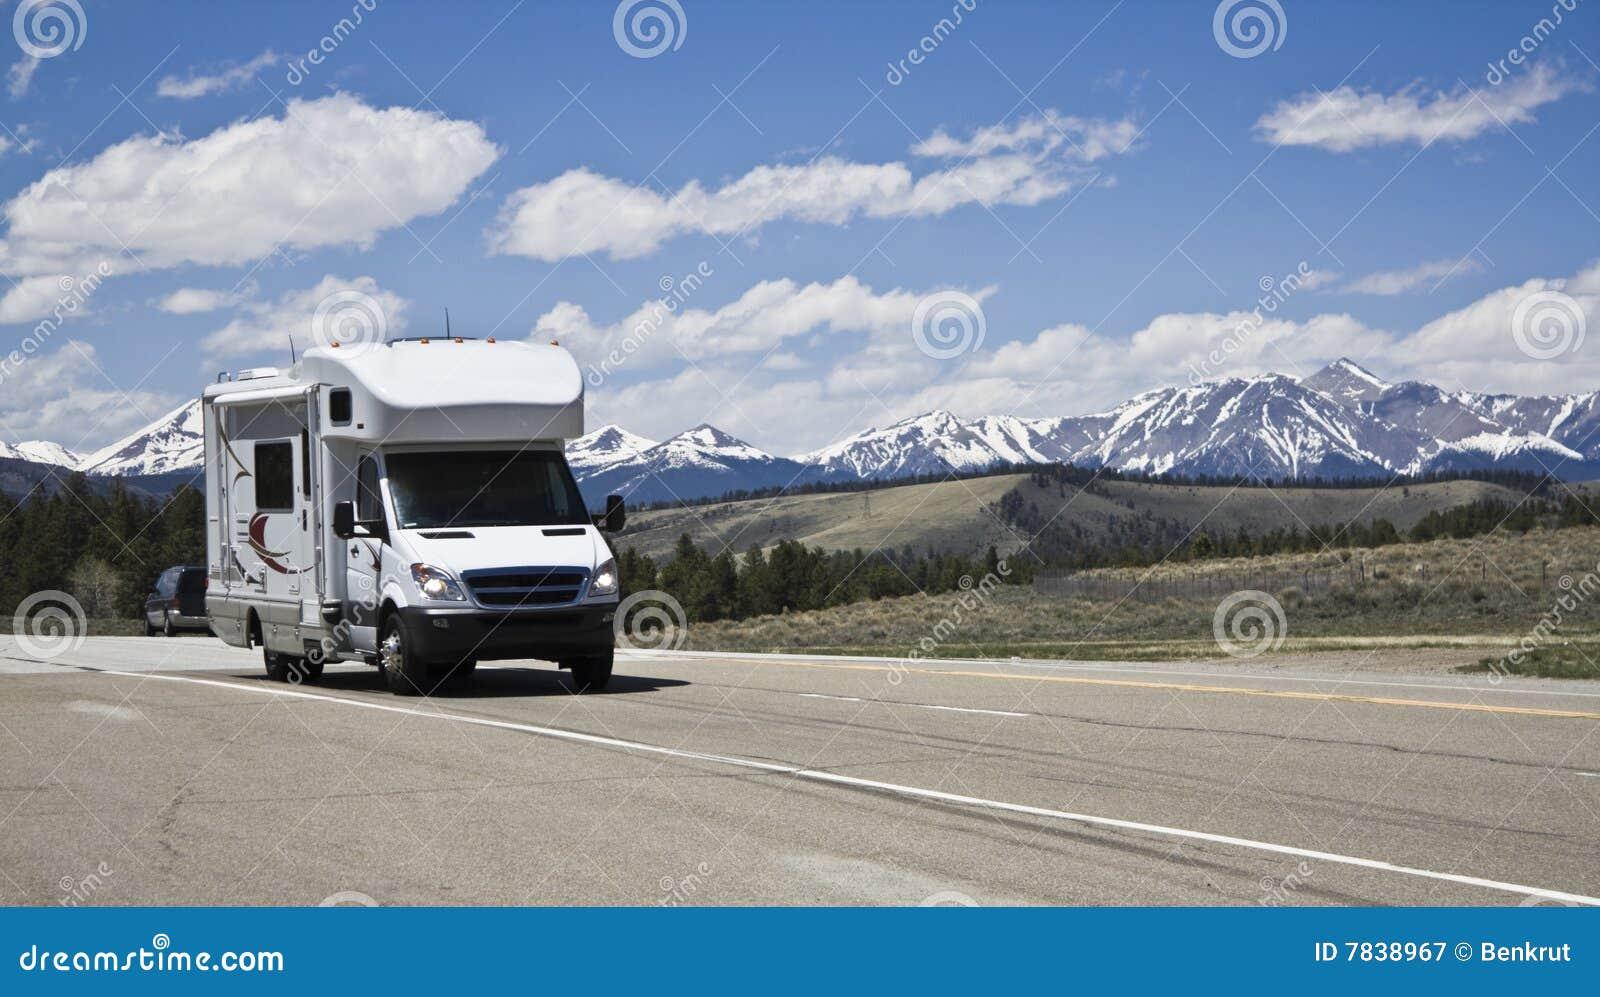 Rv in bergen